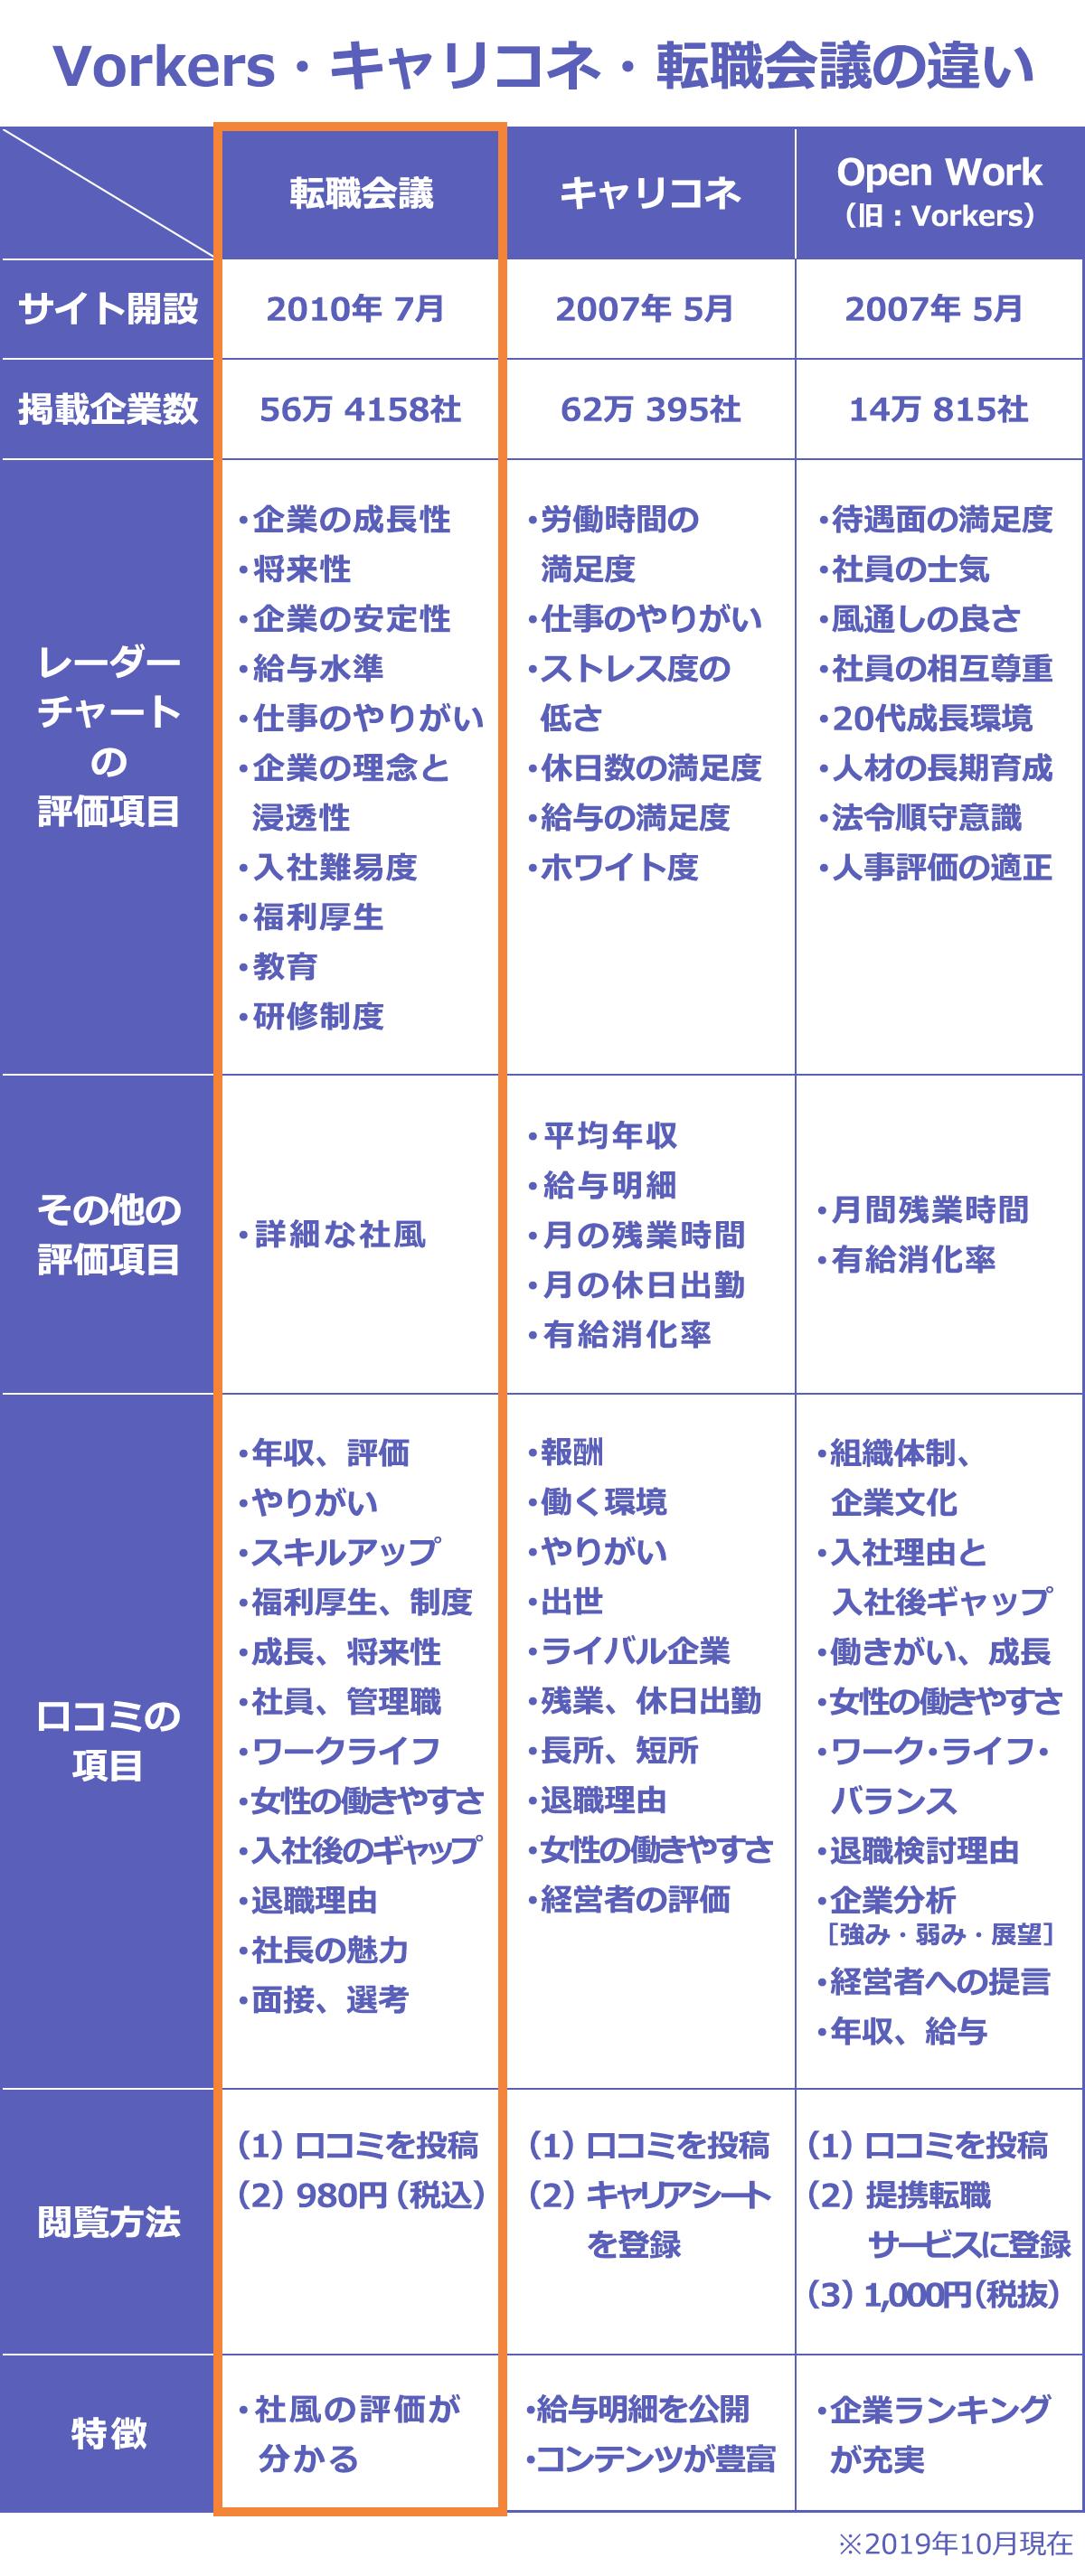 転職会議・キャリコネ・Open Workの特徴をまとめた表